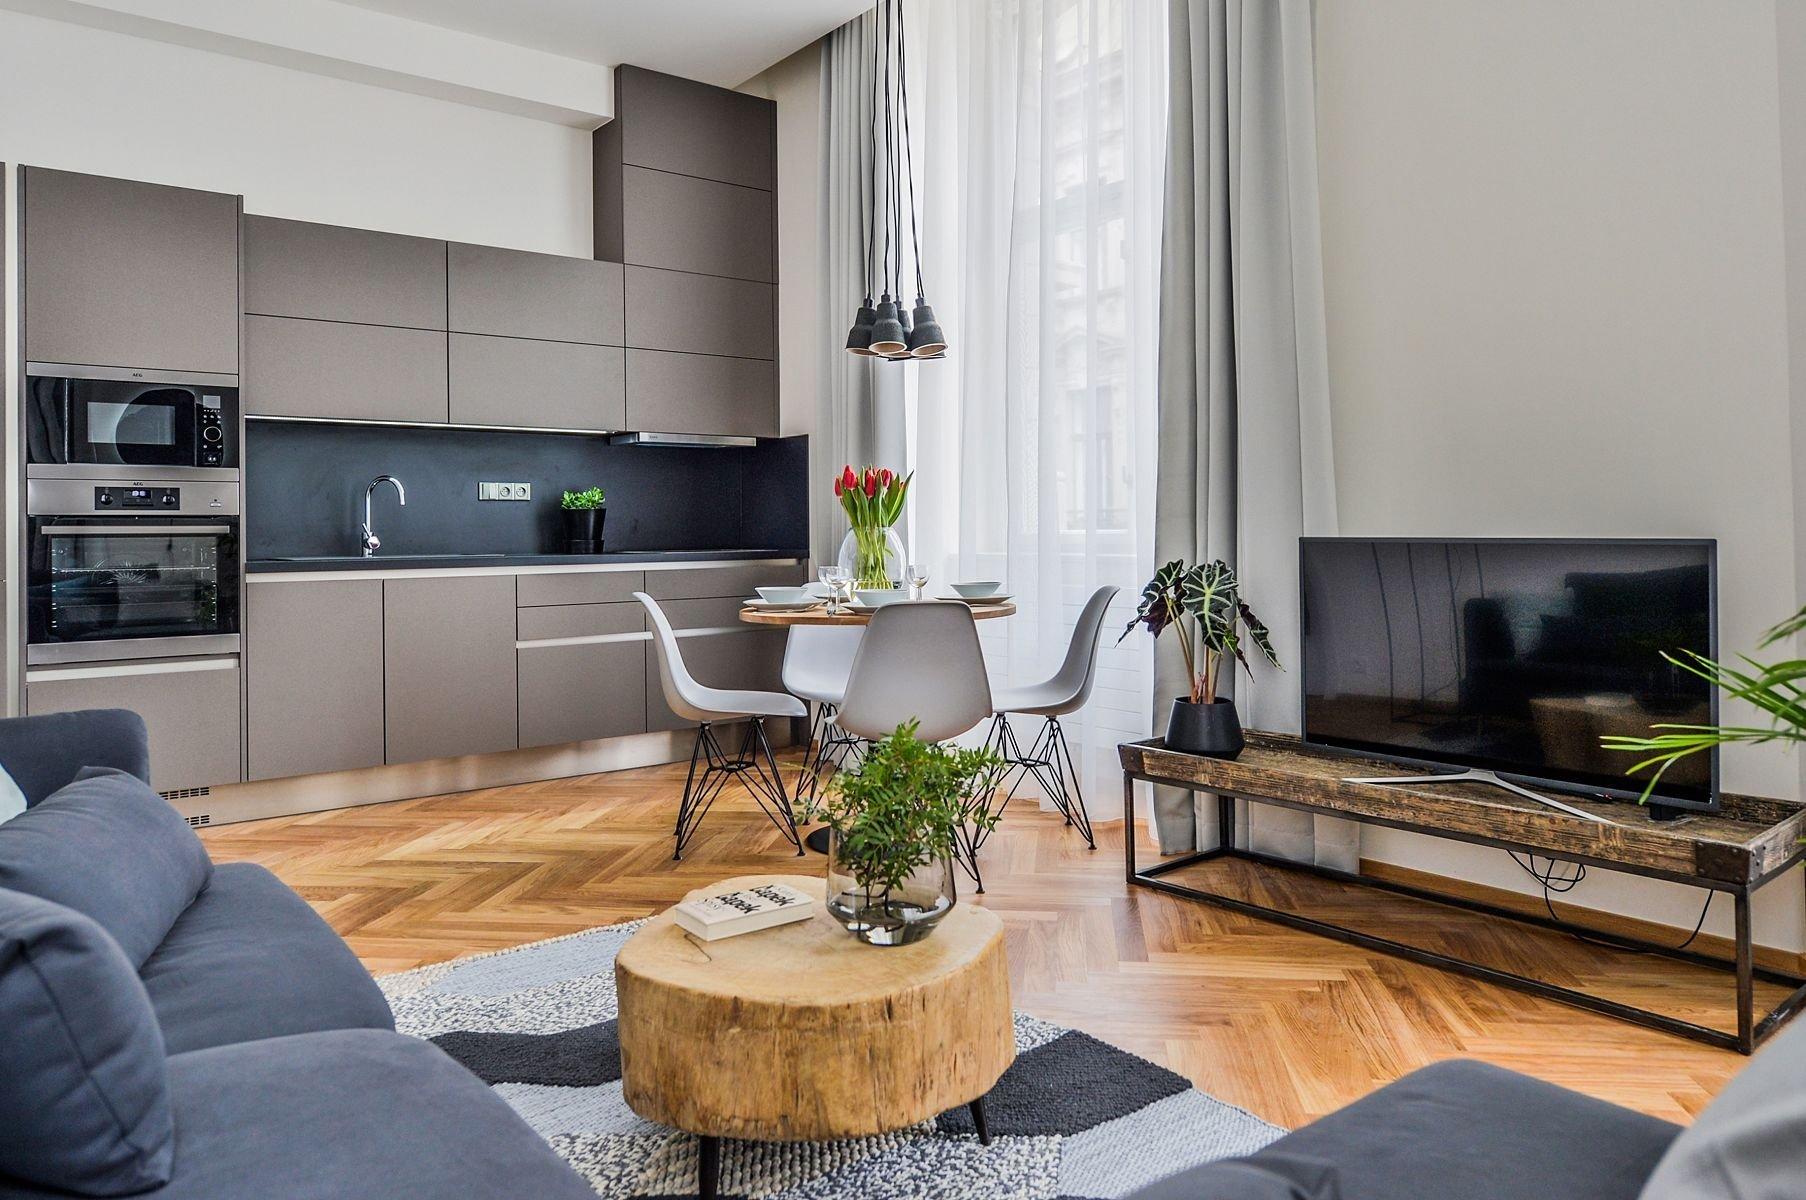 Vysoce elegantní a neobvykle nápadité bydlení vzniklo v historické budově postavené v samém srdci Brna. S notnou dávkou luxusního vybavení, přirozeného světla i prostoru okouzlí snad každého, kdo by chtěl své bydlení povýšit na opravdový požitek.